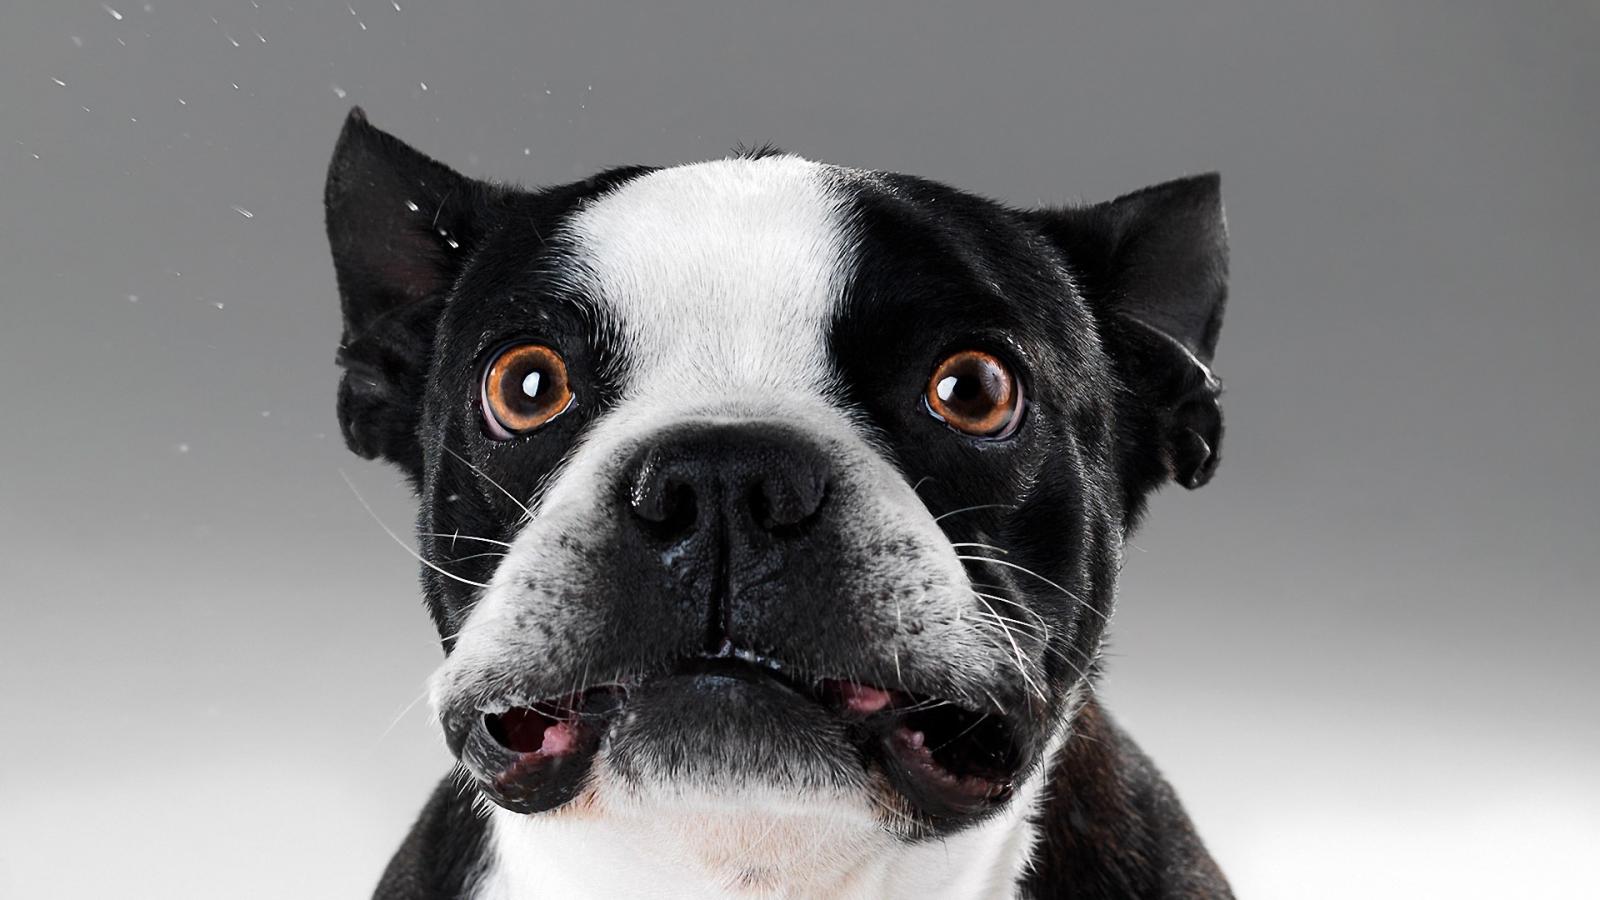 Caras de perros - 1600x900